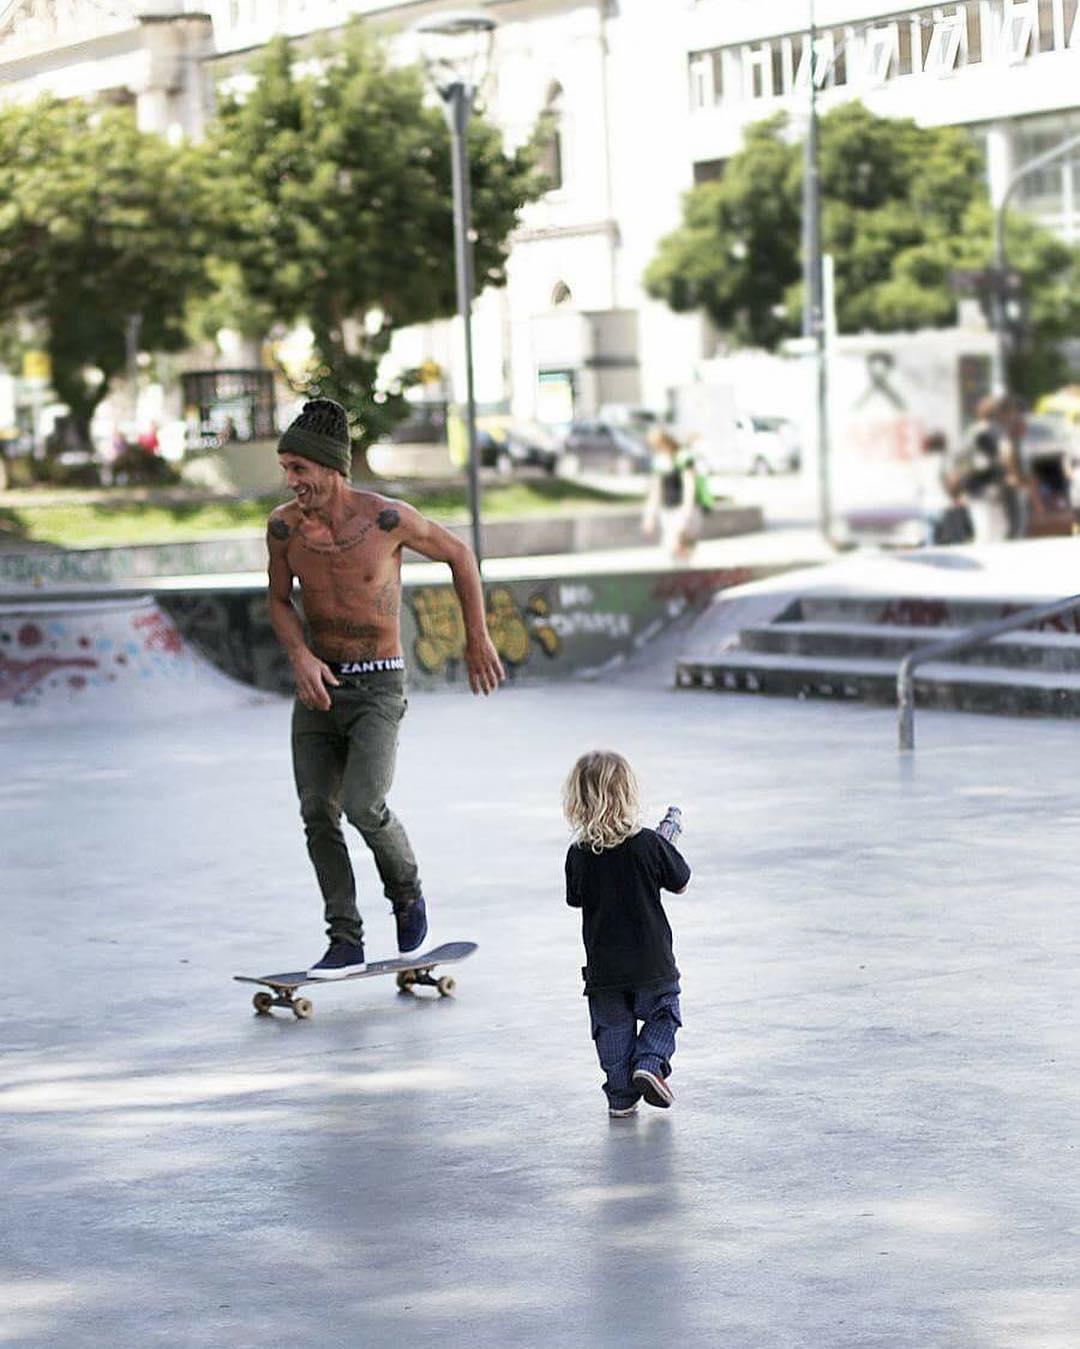 Family skate day! #ComunidadSpiral #SpiralShoes #Skateboarding #Skatelife #Skatestyle #Skateordie #Skateeveryday